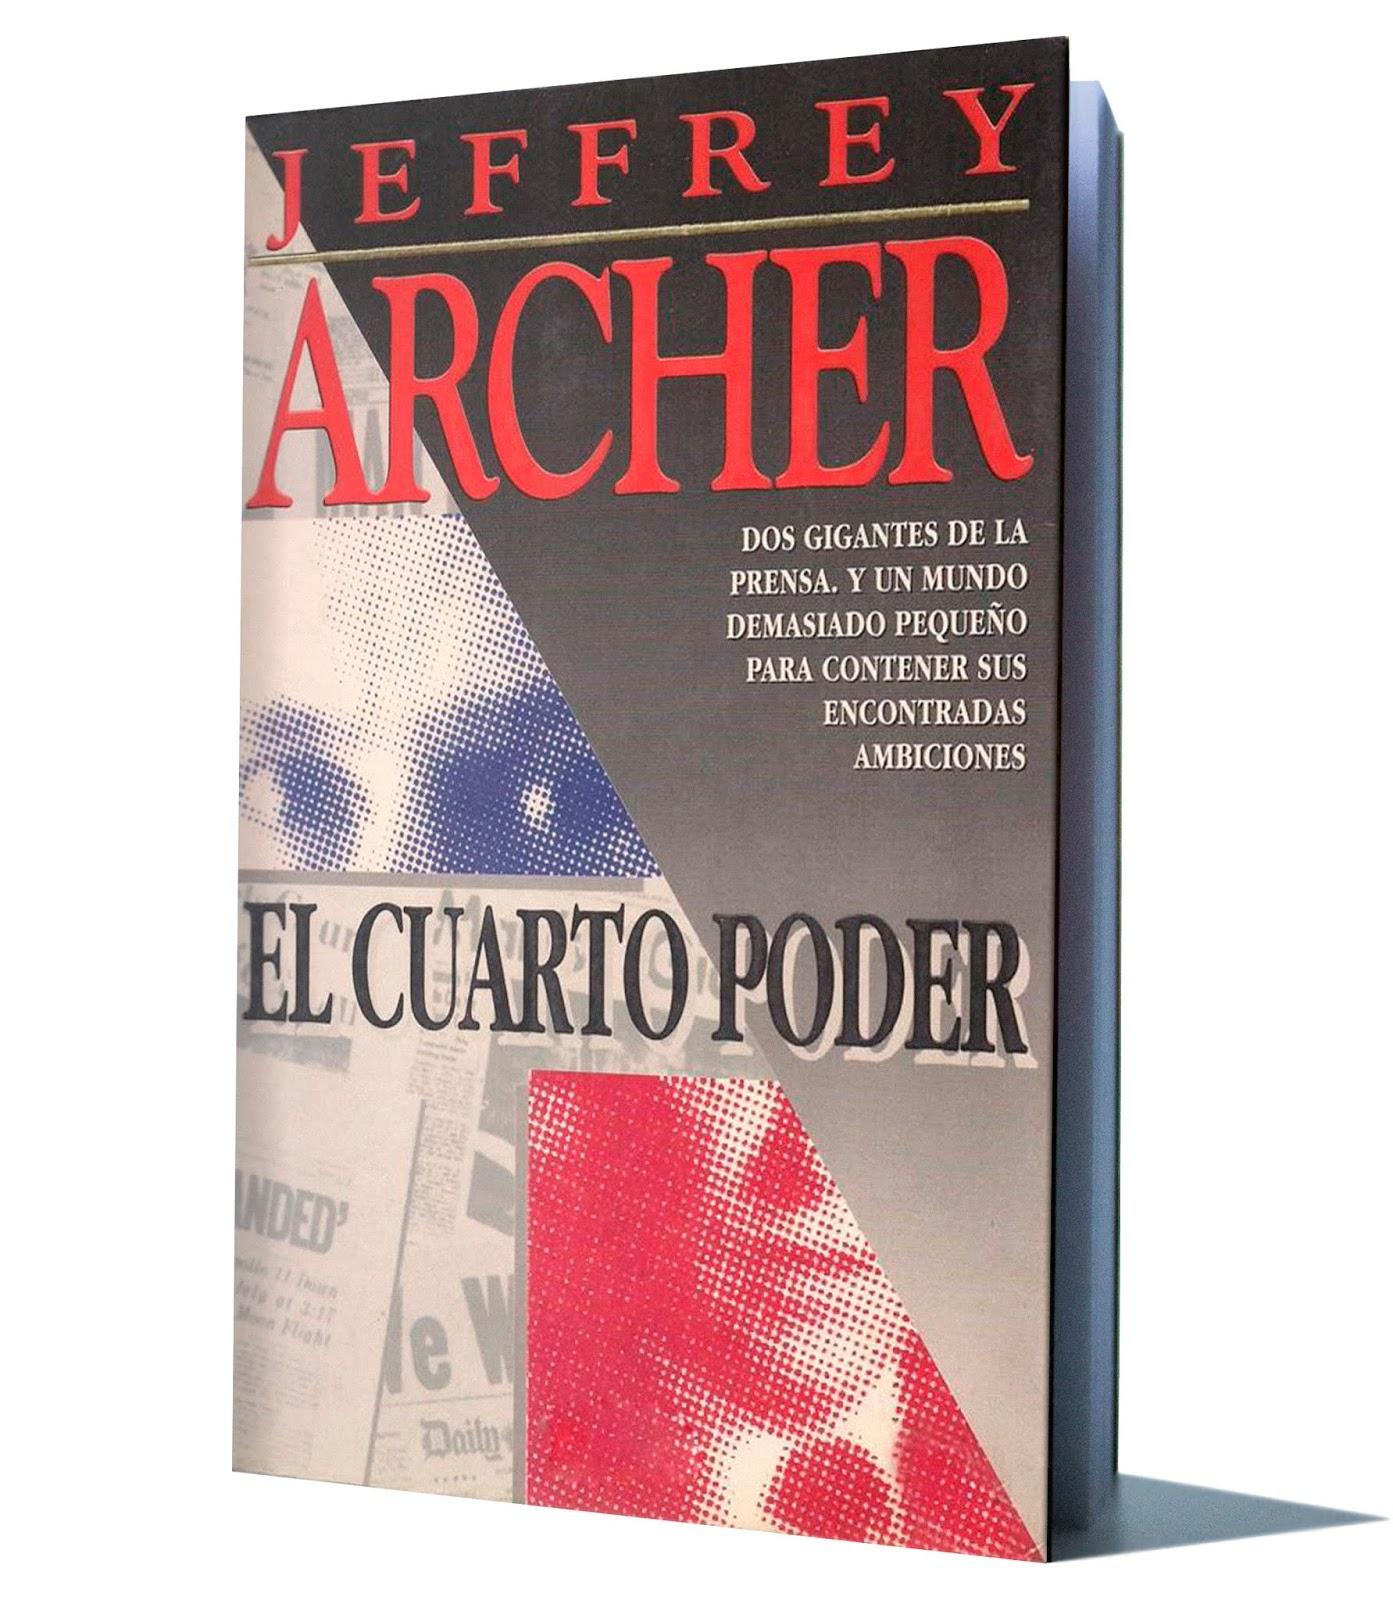 EL CUARTO PODER - JEFFREY ARCHER - PDF - Libros De ...